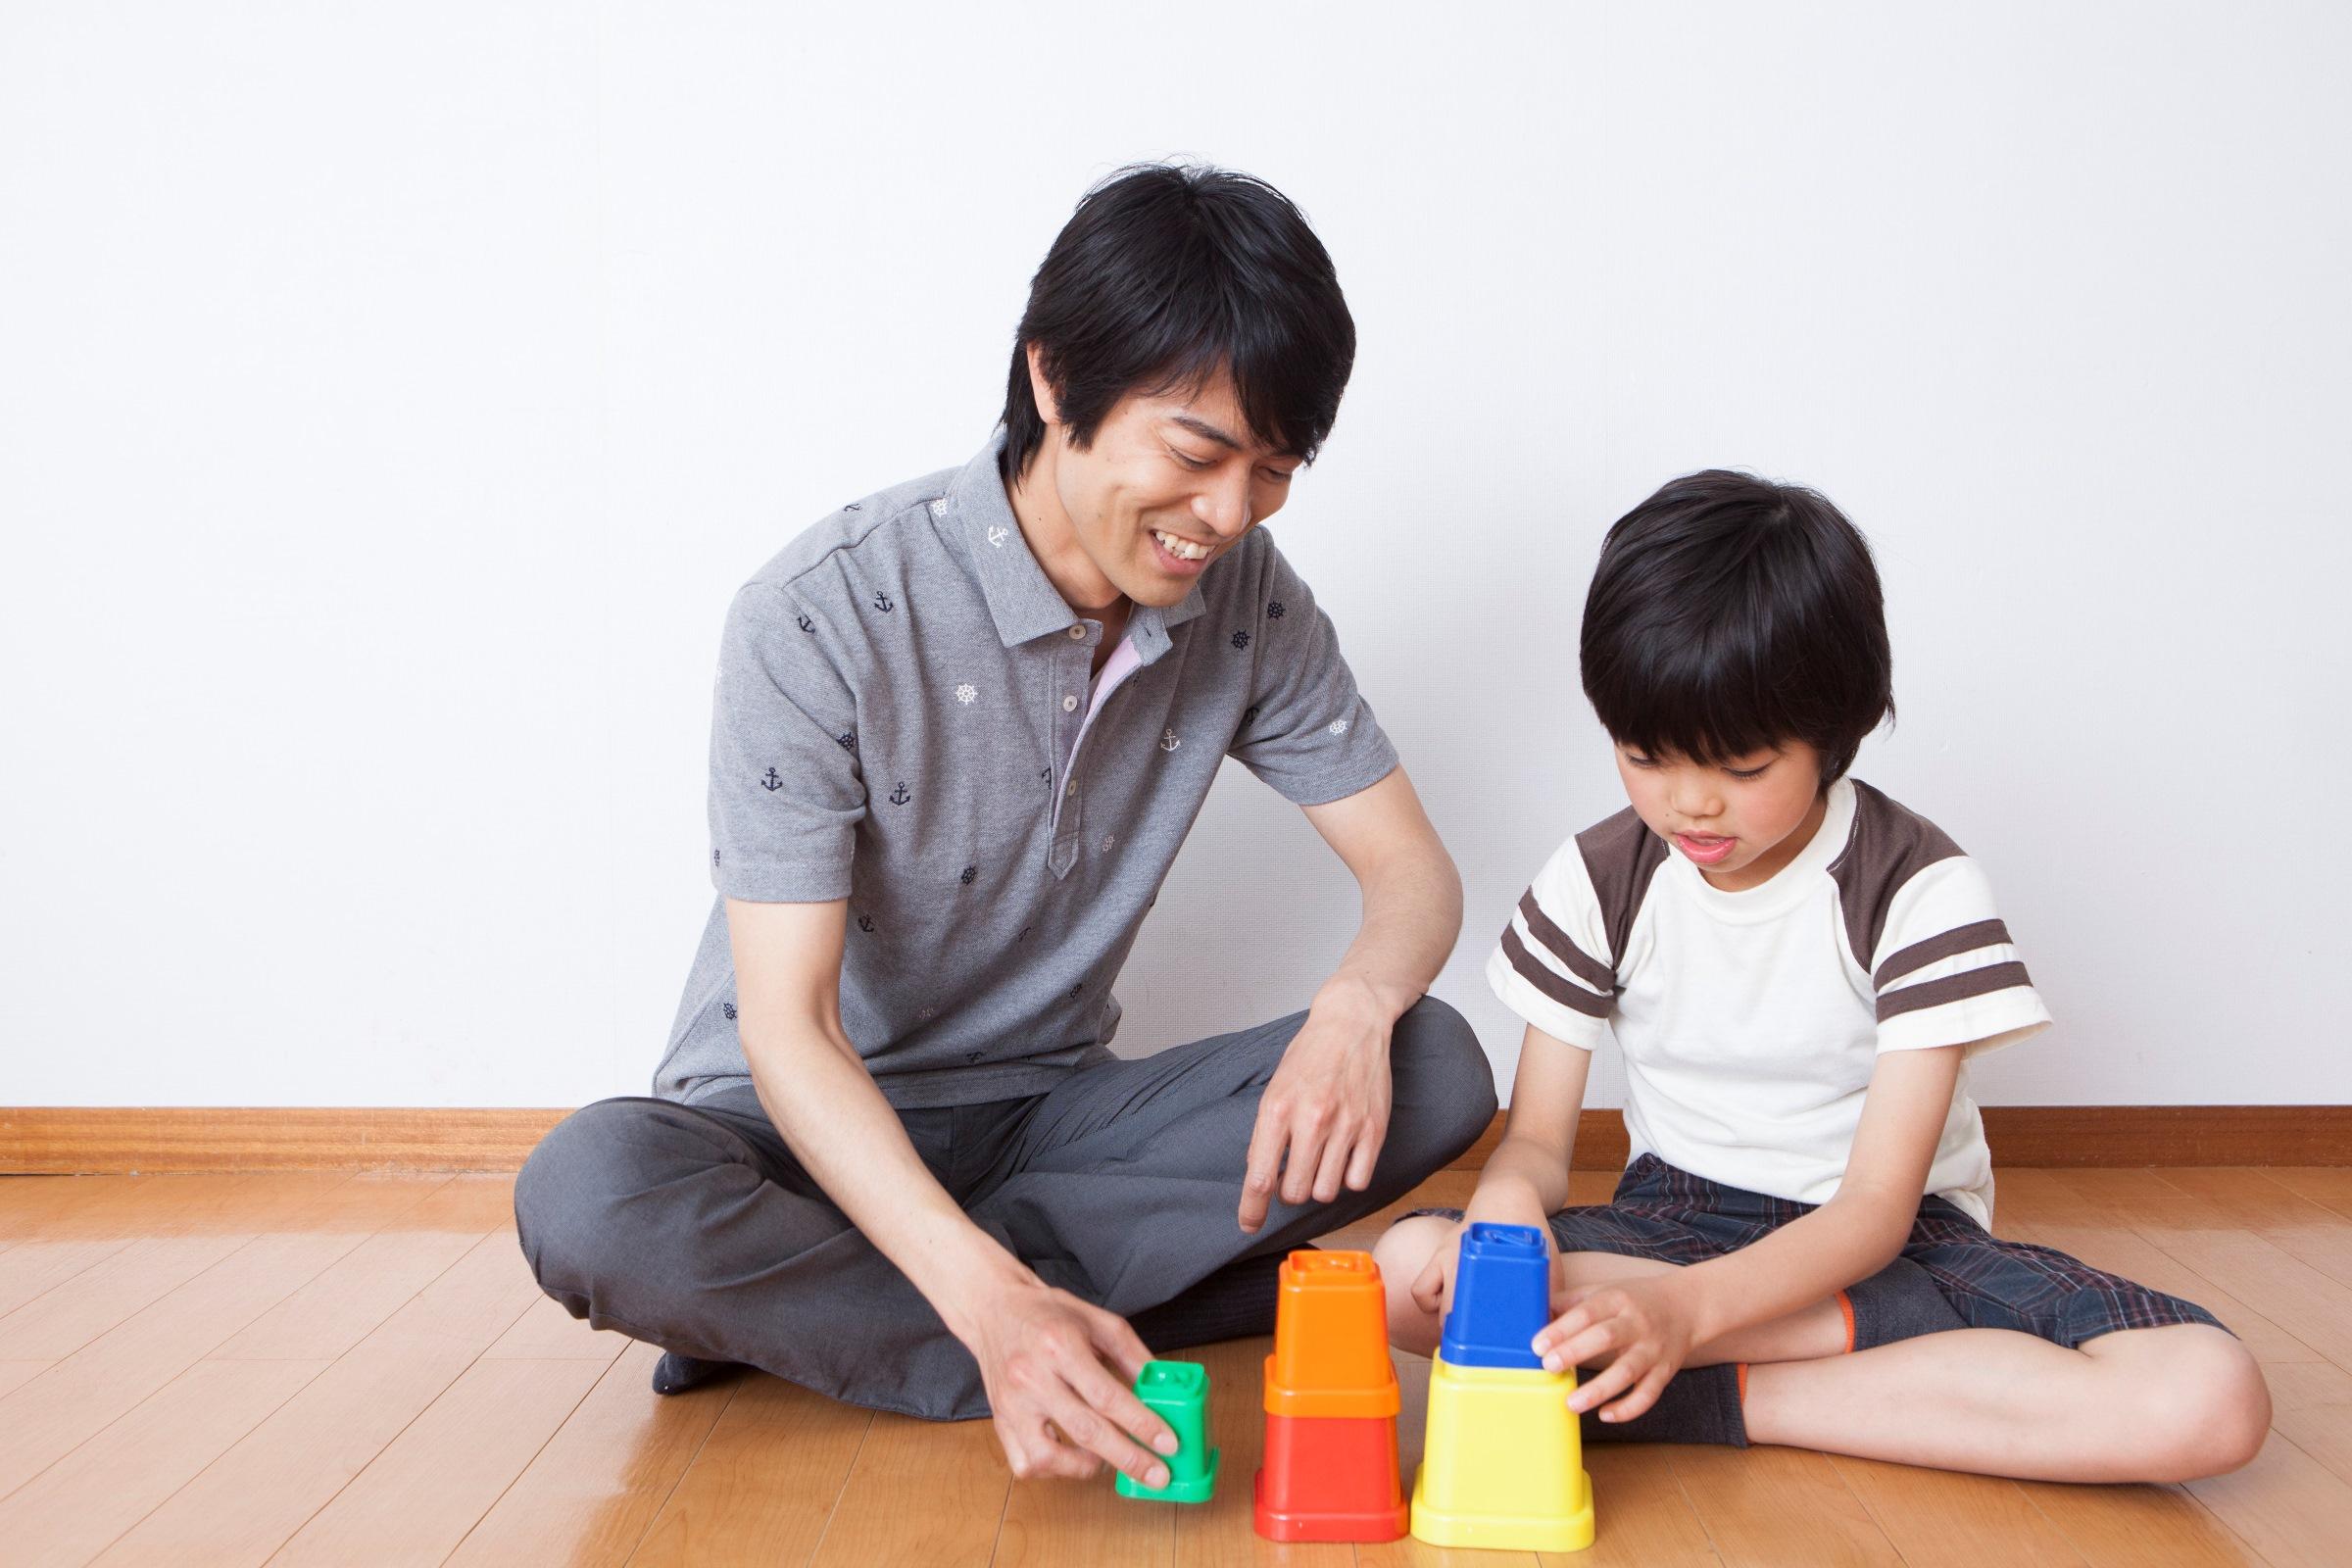 【目からウロコ!】七田式教育の代表 七田厚が語る幼児教育「その時、父は…」第9回 七田 厚